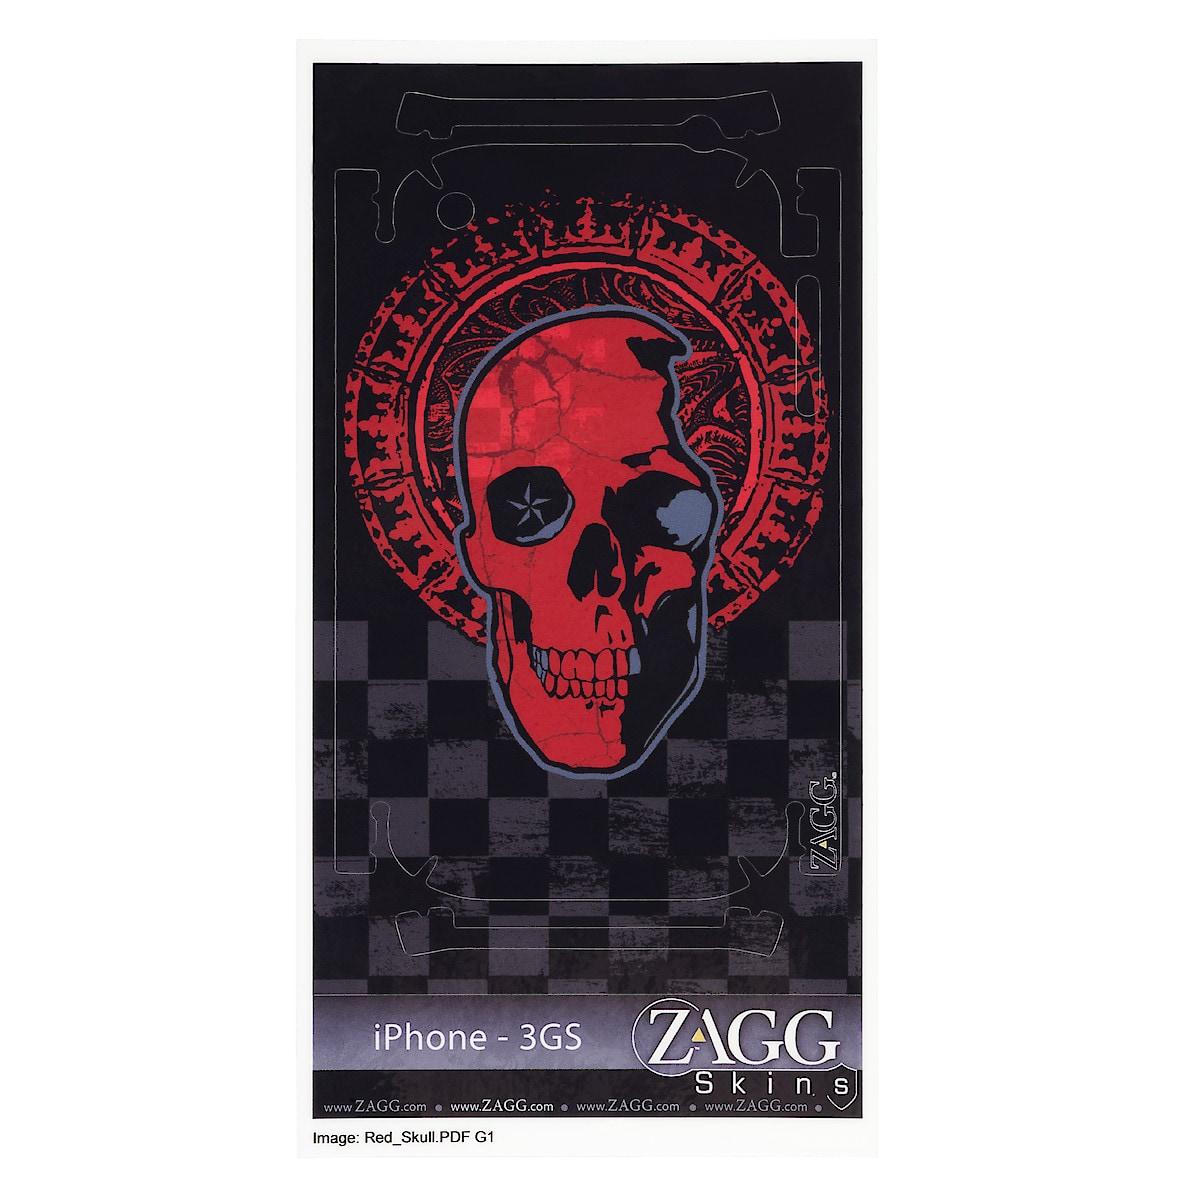 ZAGG skins